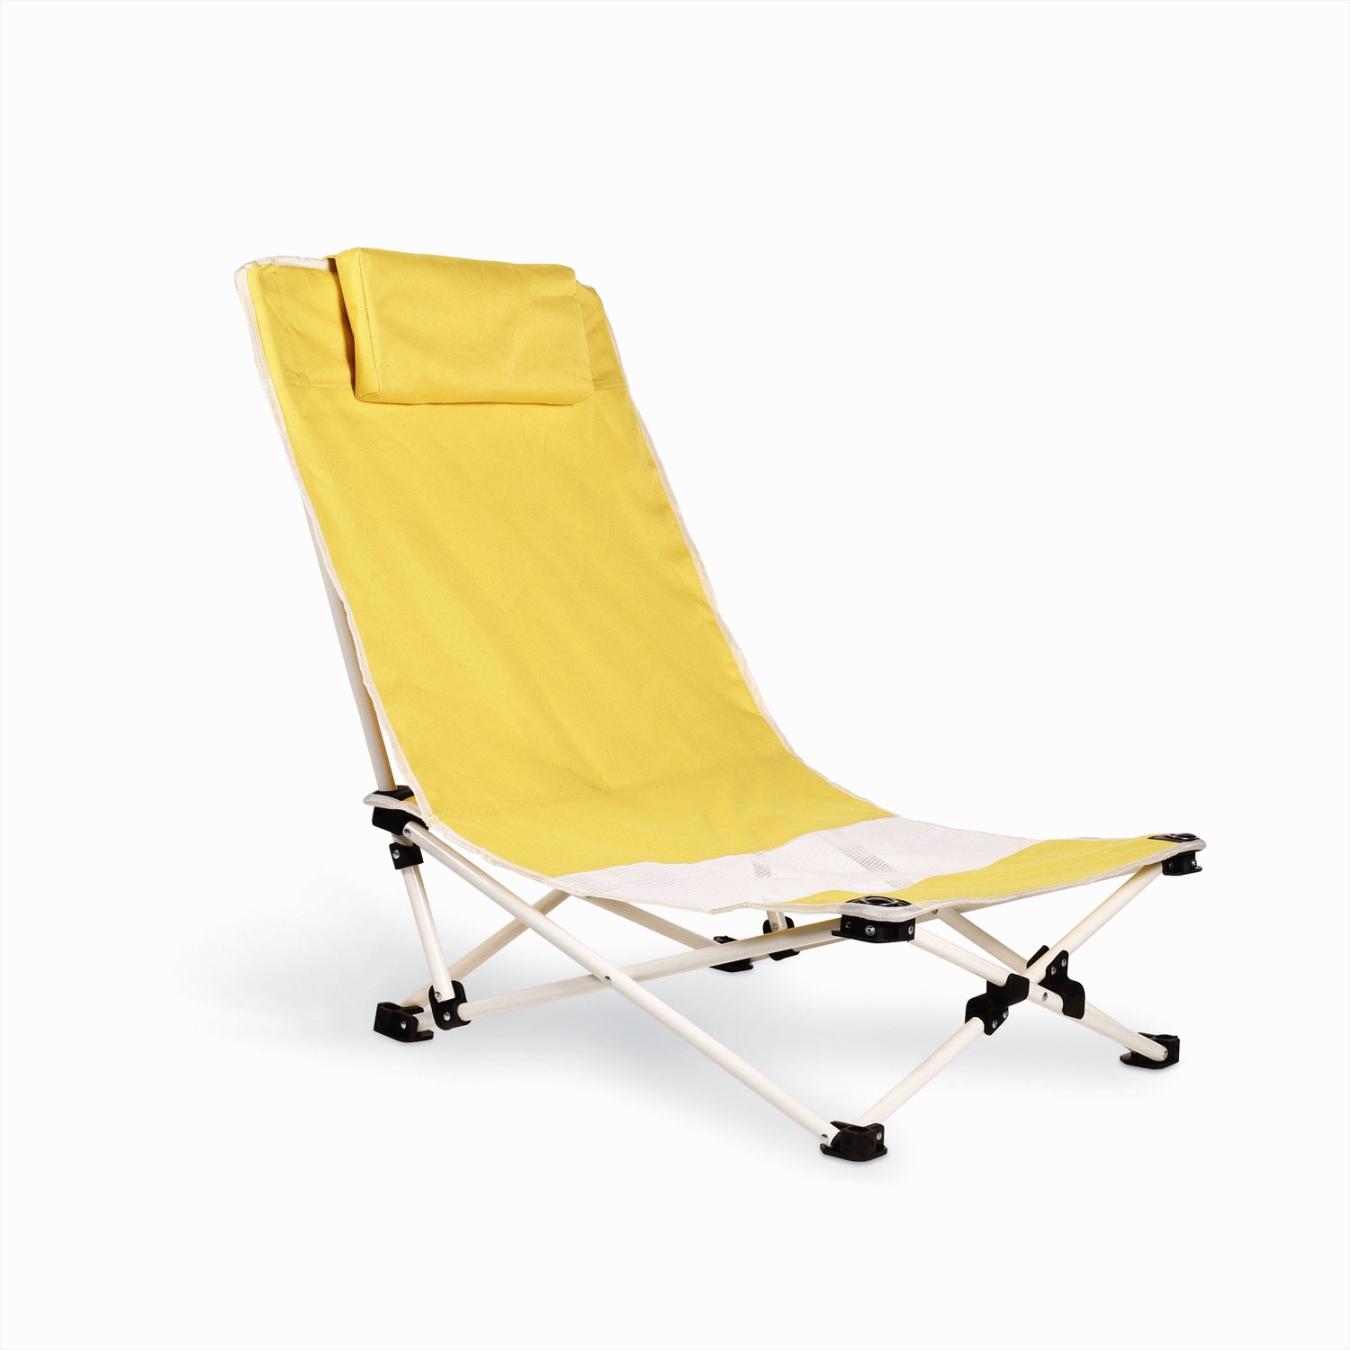 Sillas Playa Ikea Tldn Mejor Sillas De Playa Plegables Revistadialectica